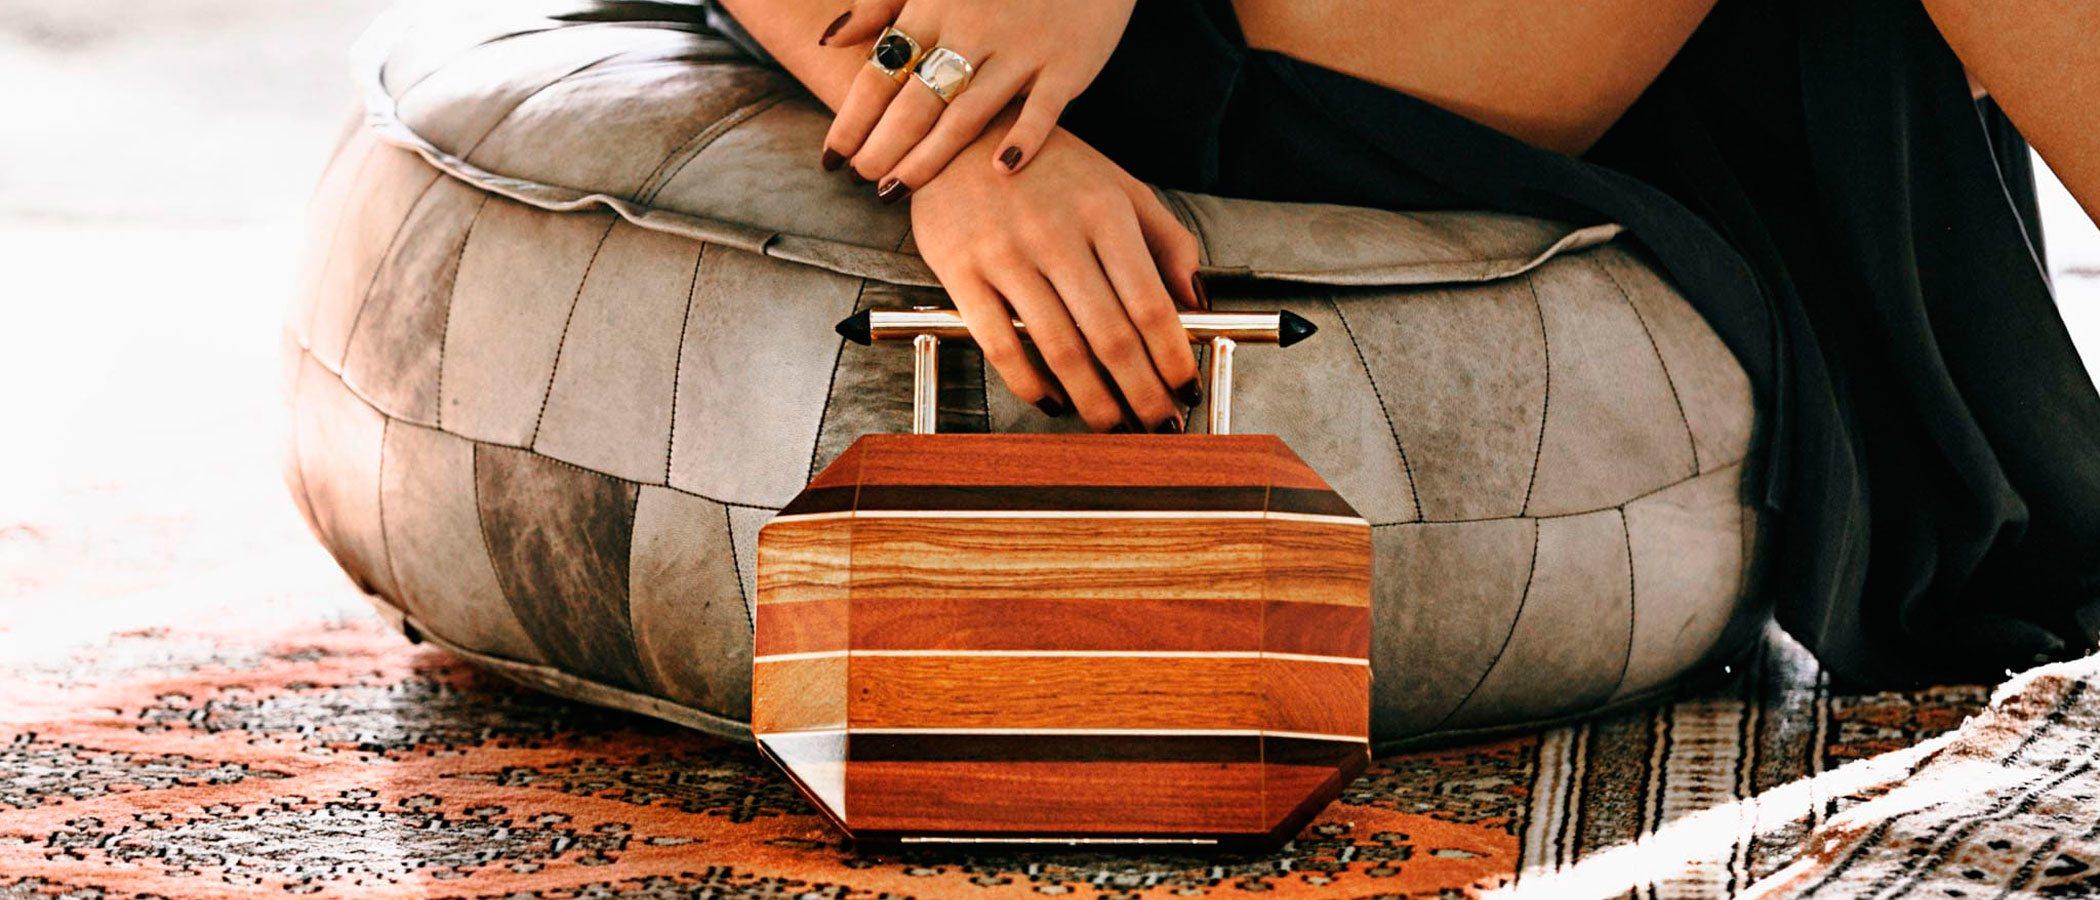 Soüf, la marca de accesorios de lujo hechos con madera reciclada que te encantará